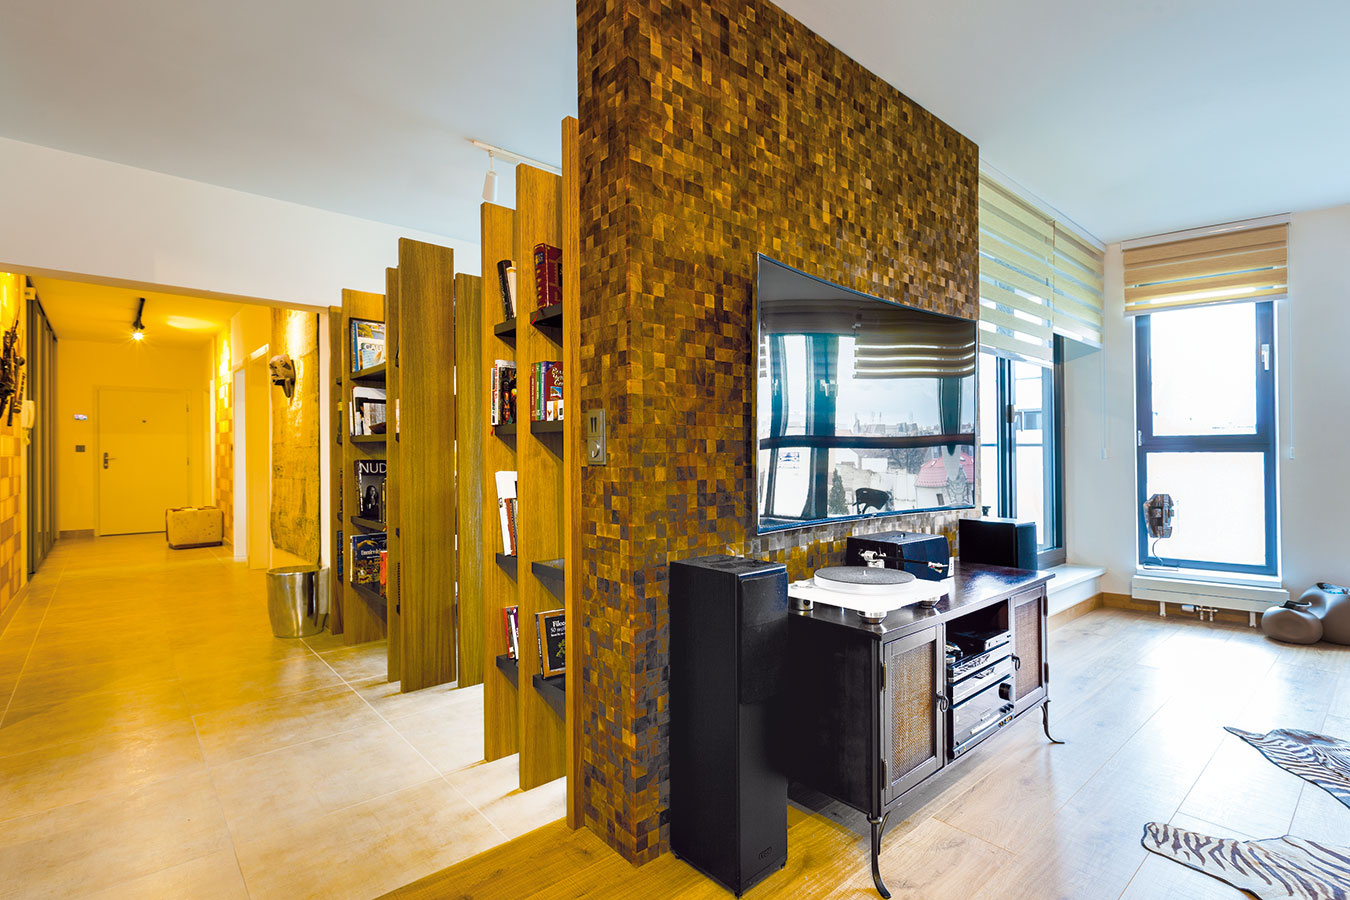 Masívny drevený obklad na stene za televízorom je výrazný prvok, ktorý zaujme na prvý pohľad.